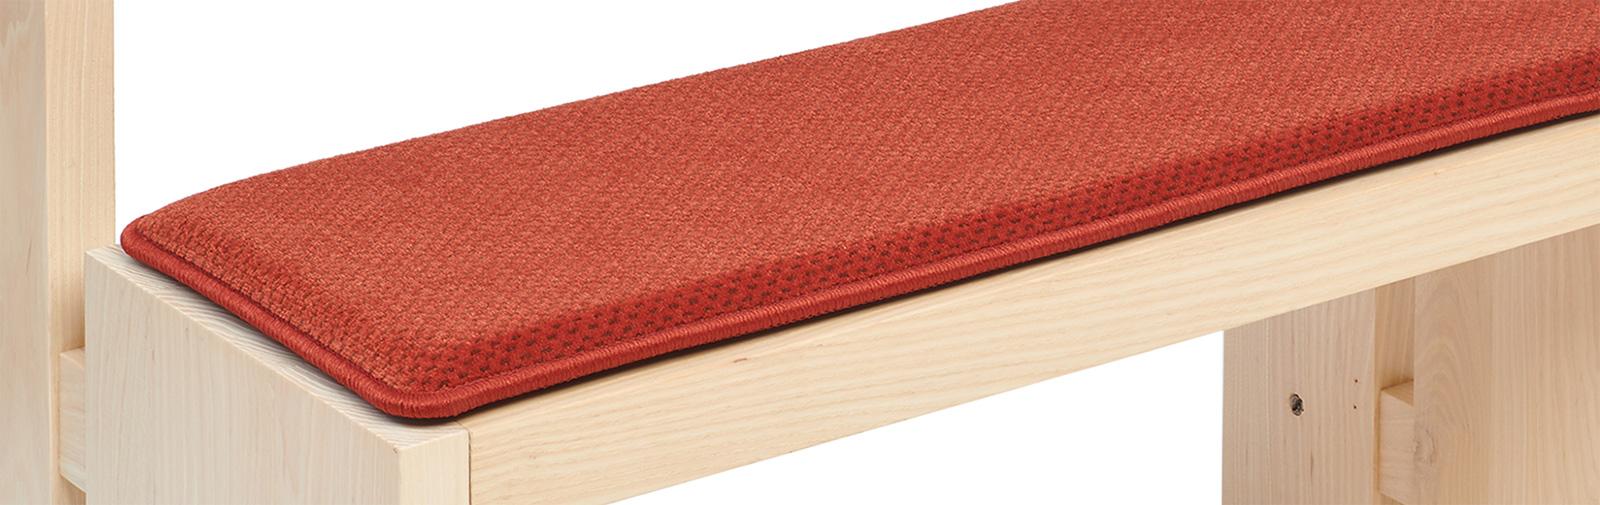 banque échantillon coussin Samtplush code couleur 2401 couleur rouge (ancien design)